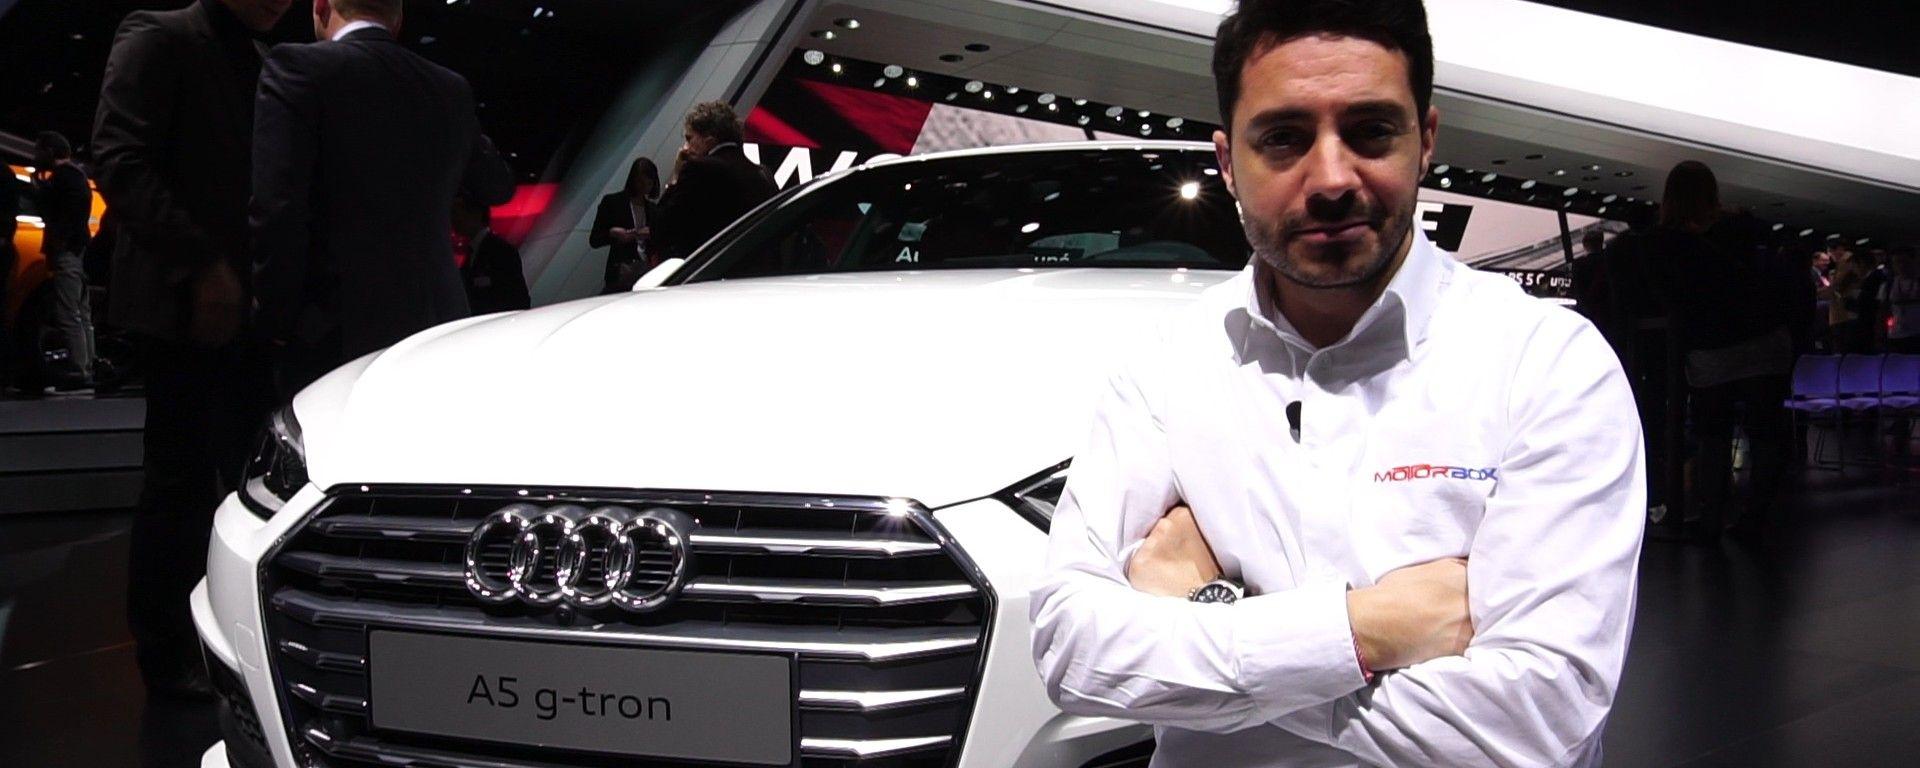 Audi A5 g-tron al Salone di Ginevra 2017